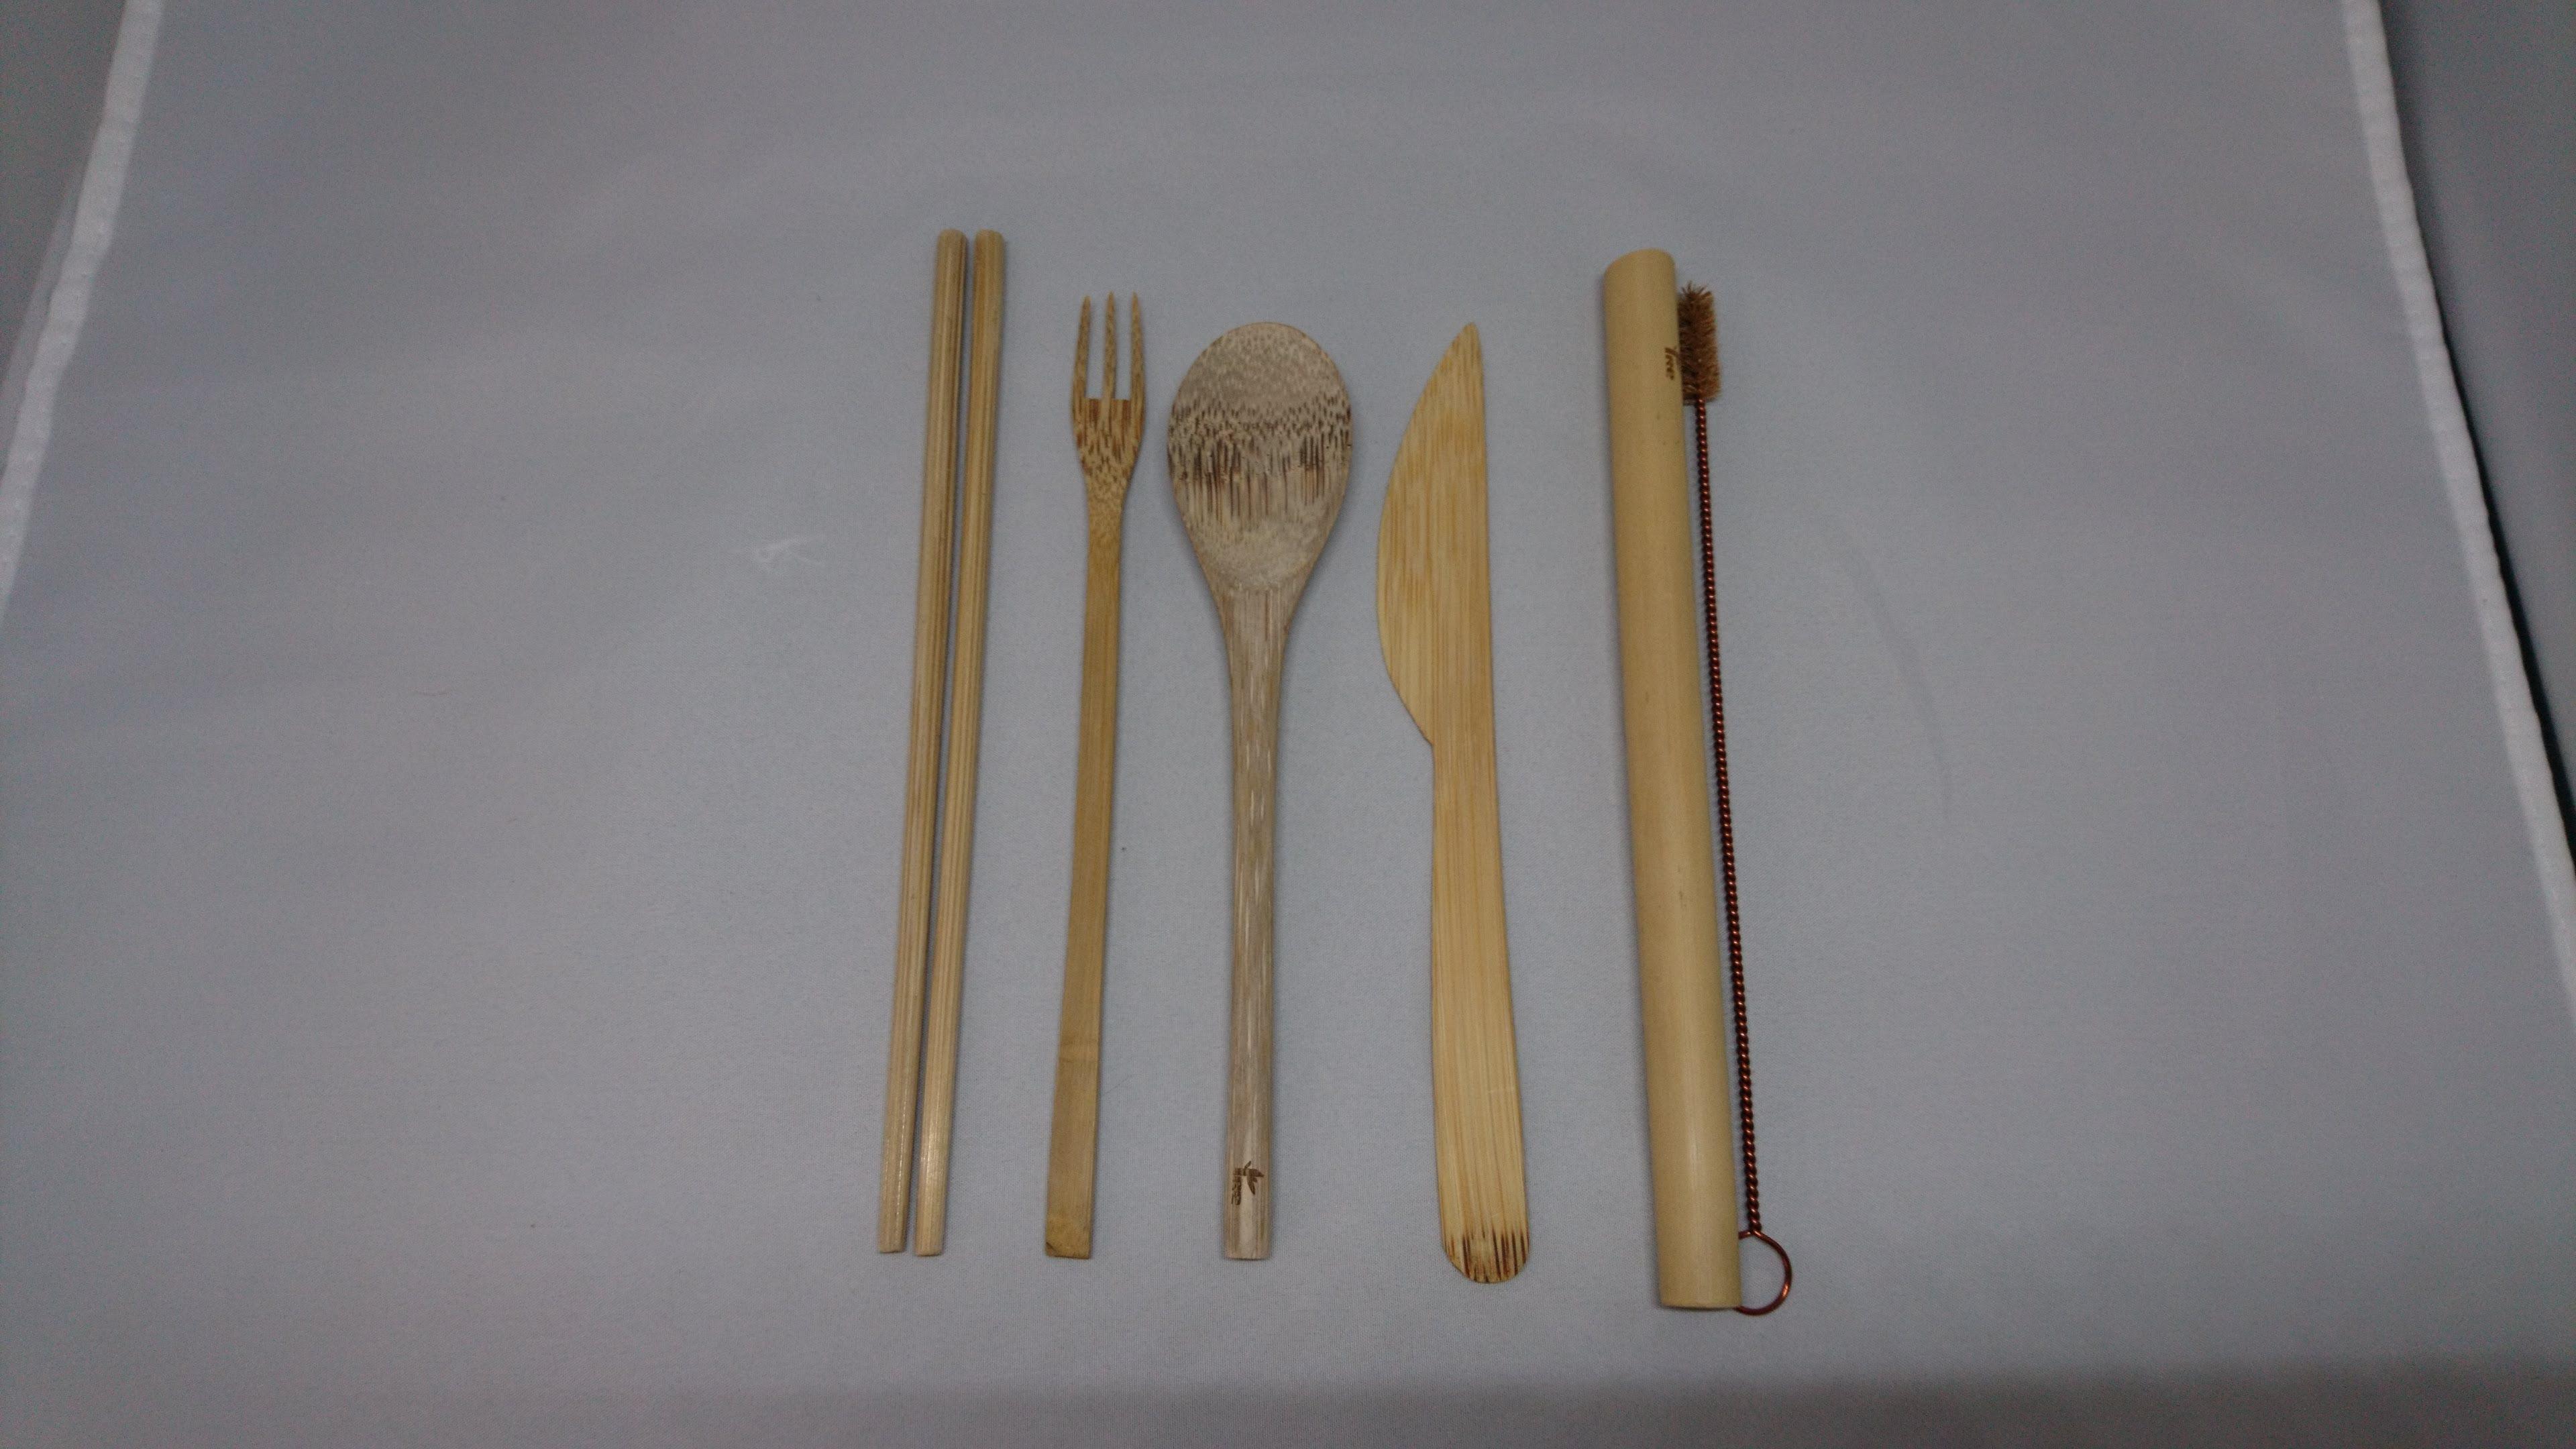 【無添加/無漂白 天然素材】竹製マイ箸7点セット(再利用可能ストロー付き)